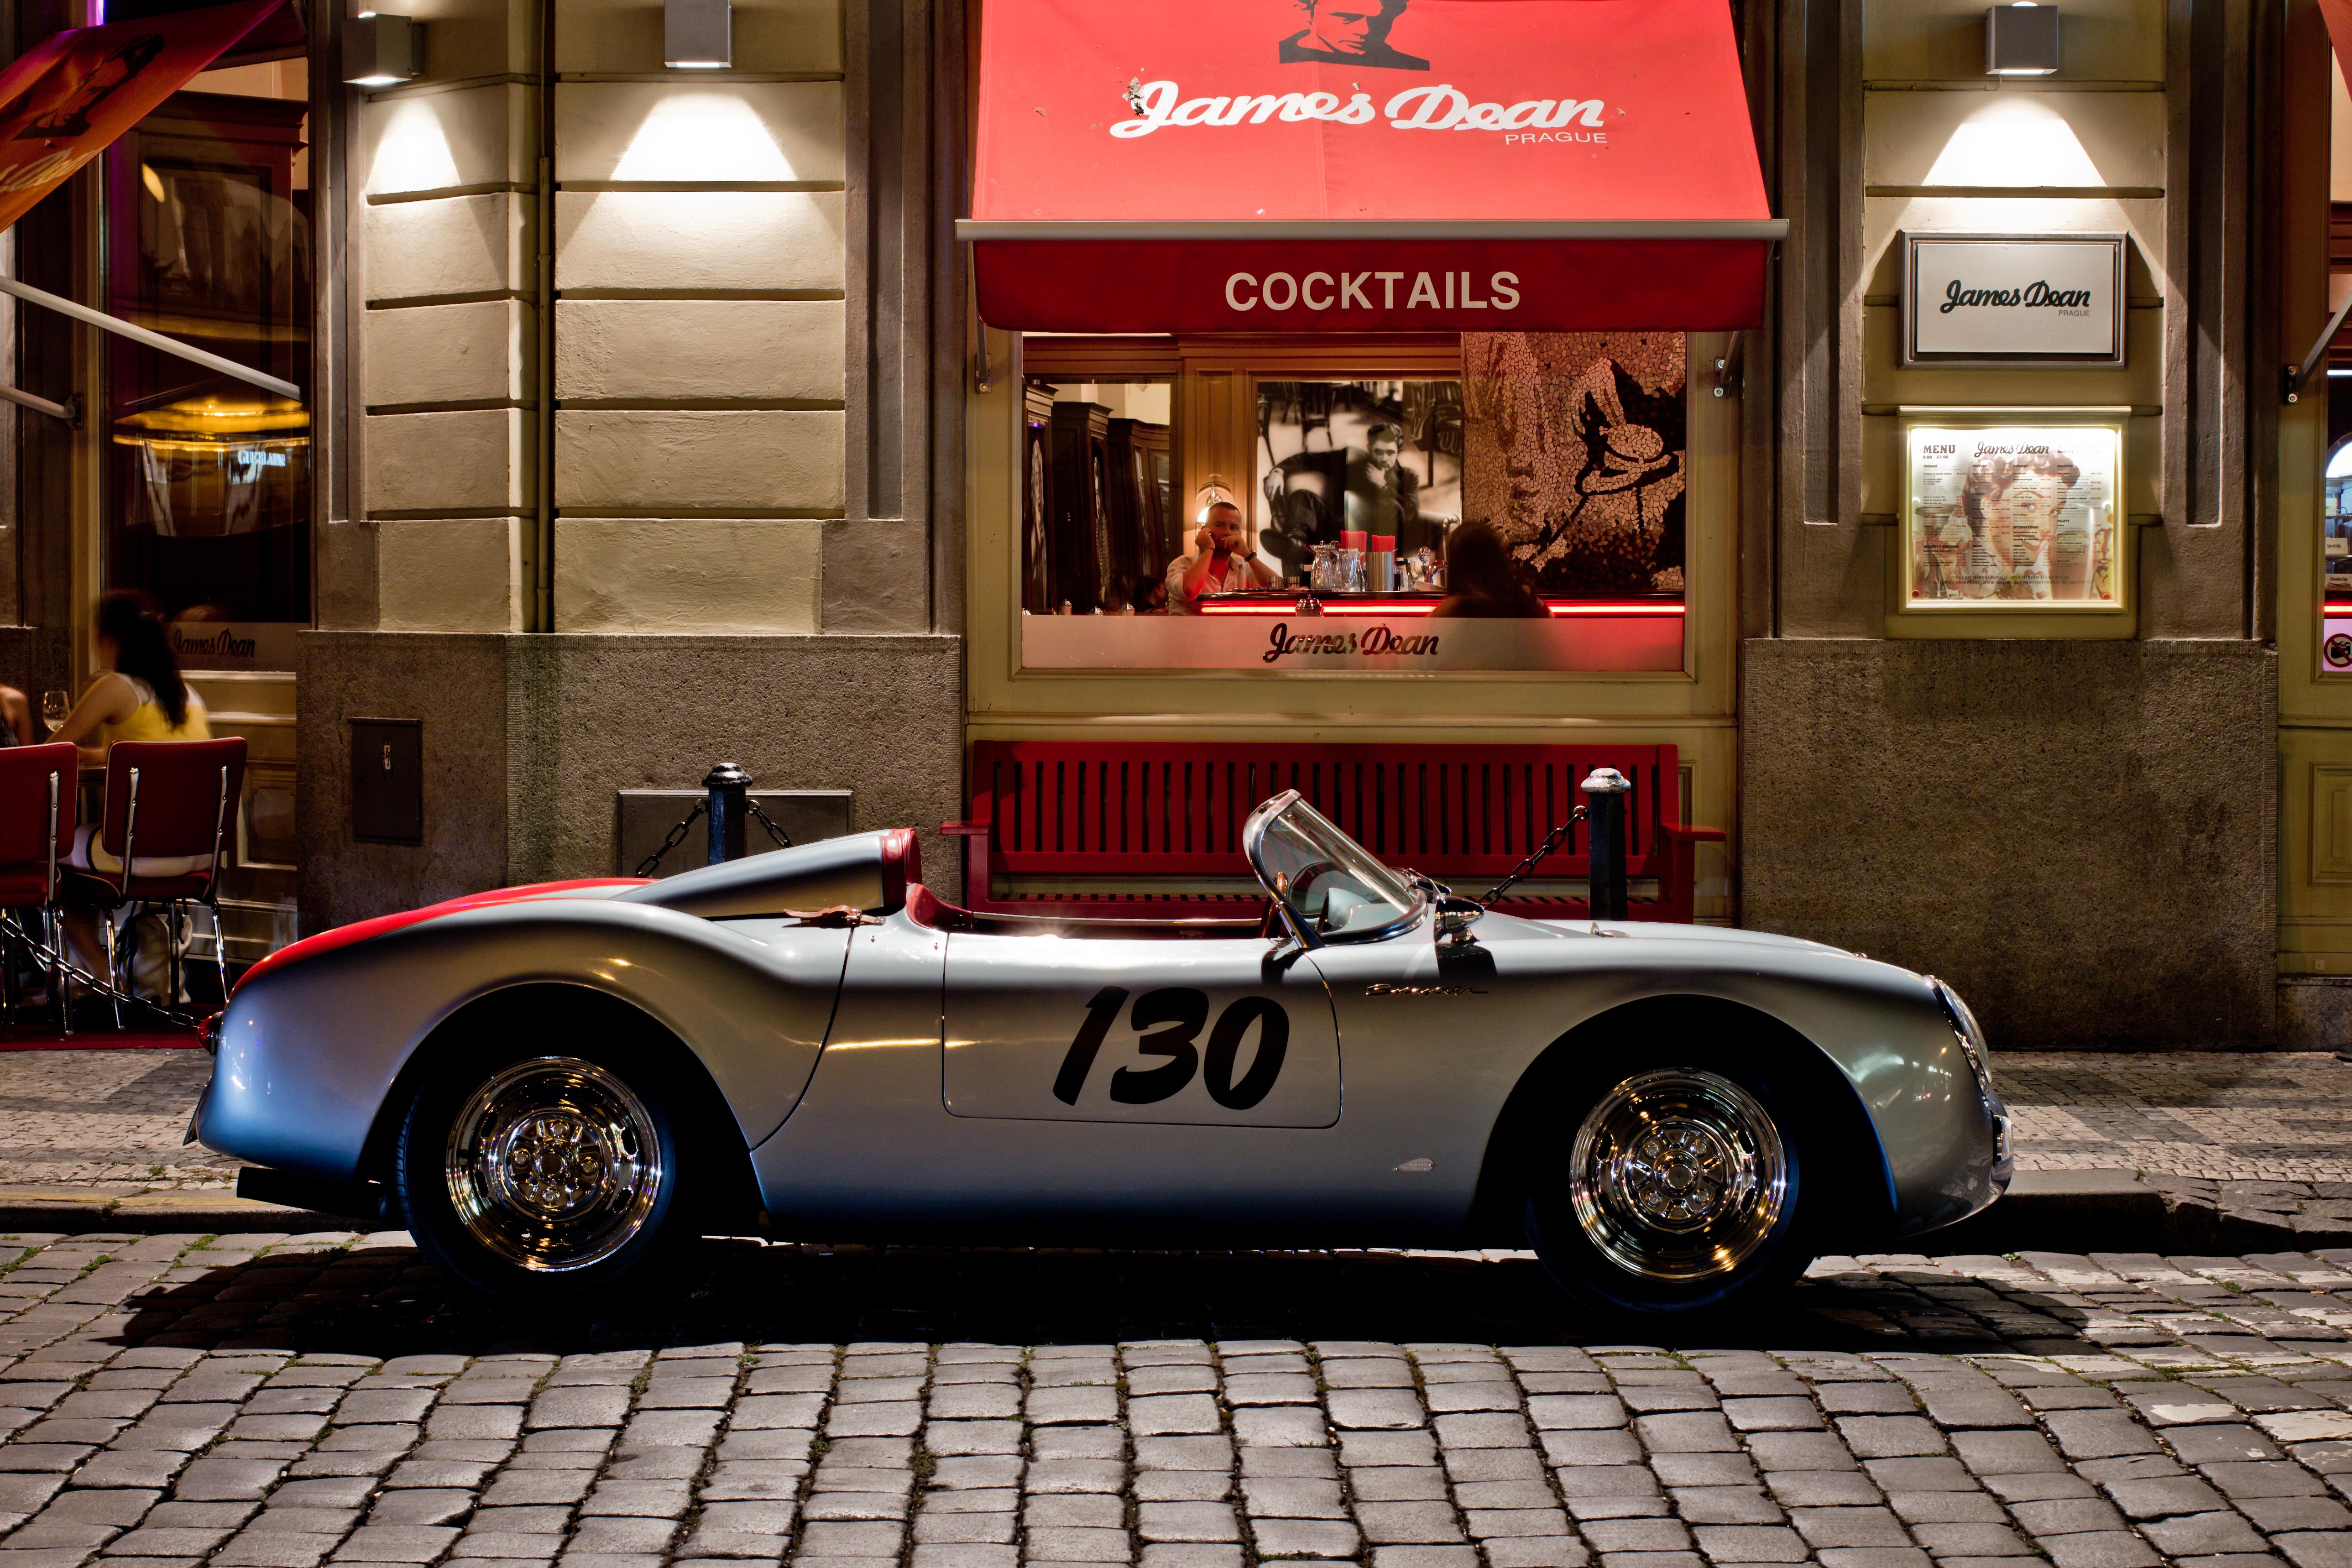 Porsche Similar to James Dean's